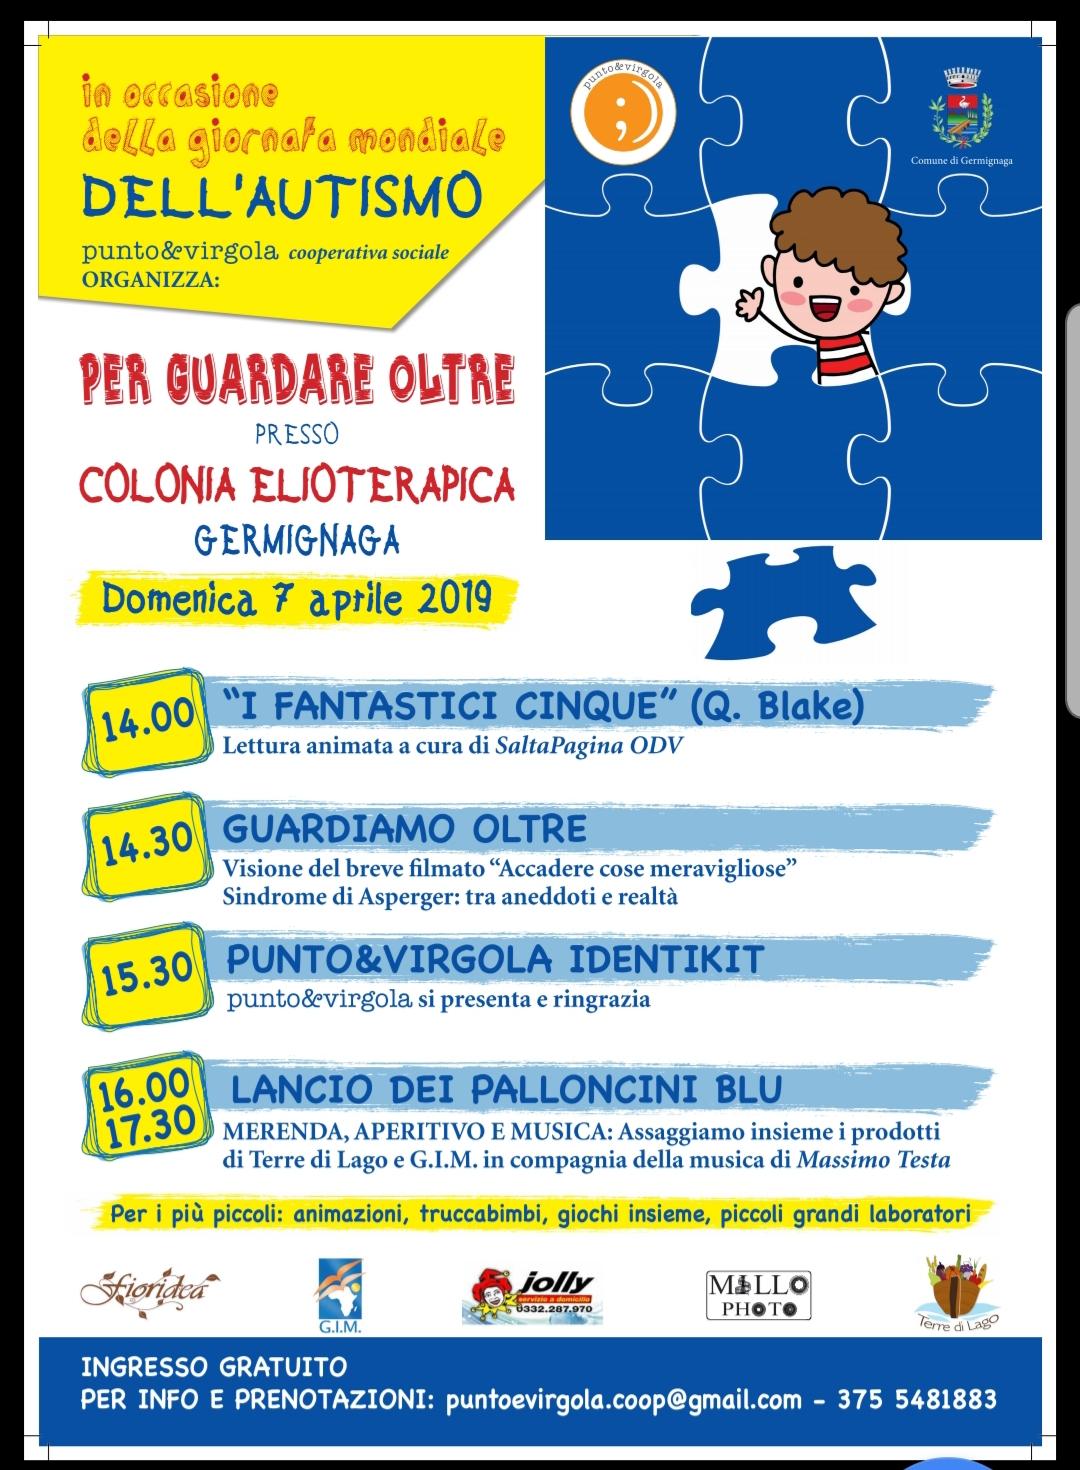 locandina evento a Germignaga per la giornata mondiale dell'autismo 2019